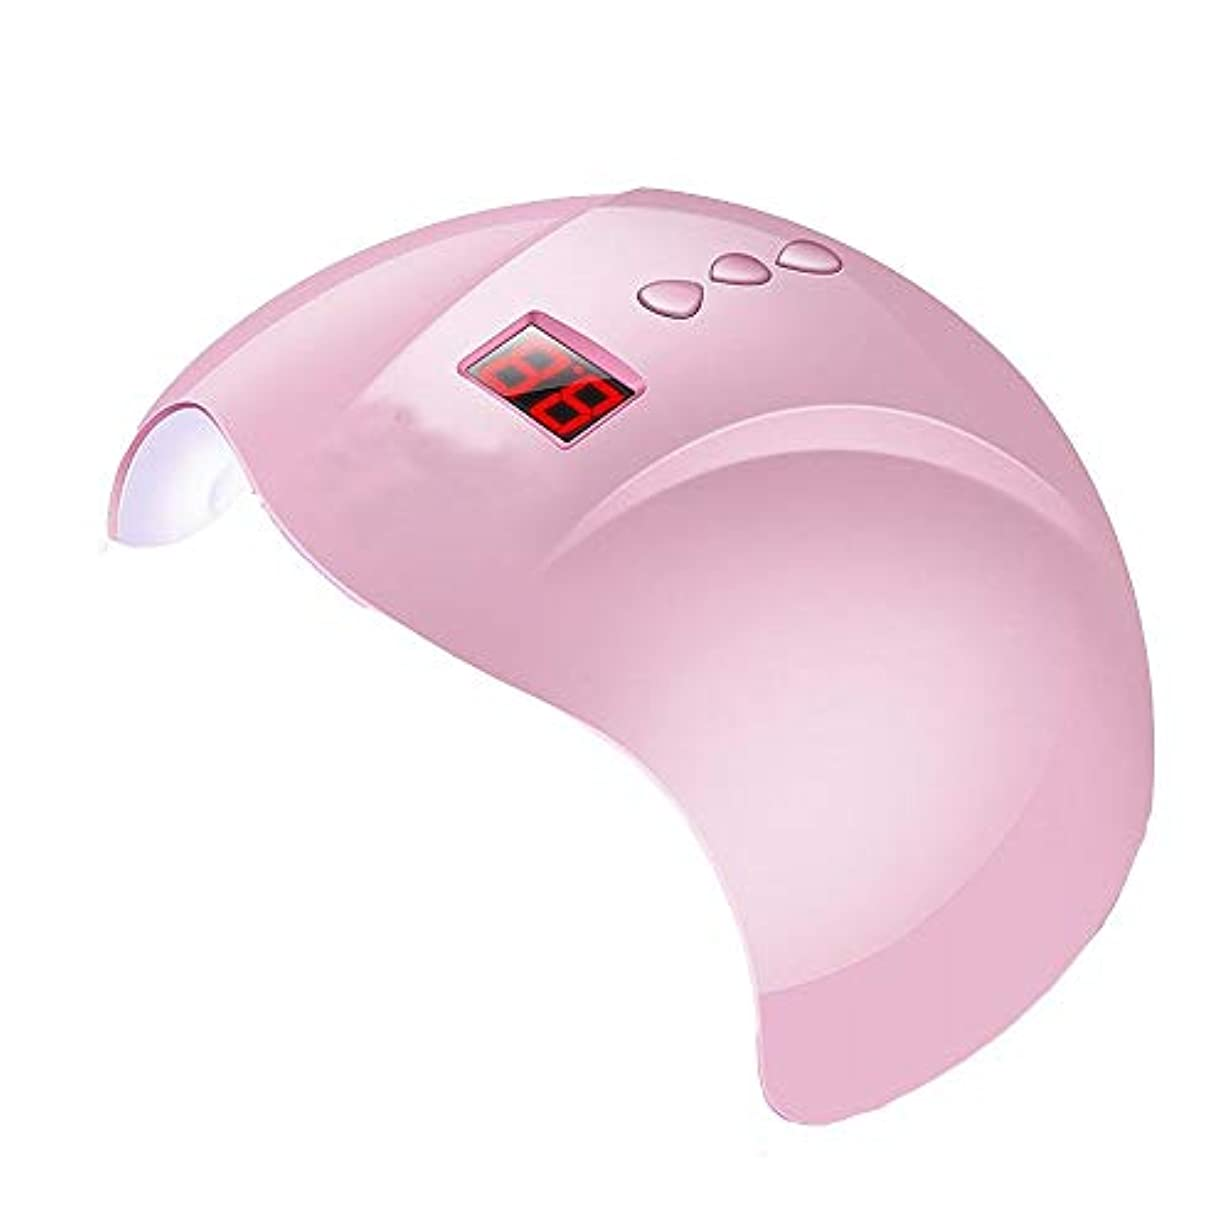 放棄された気分暖かさYESONEEP 36Wスマートベルト誘導ネイルオイル接着剤ドライヤーLED + UVネイル光線療法ランプネイルマシンクイックドライ (Size : 36W)